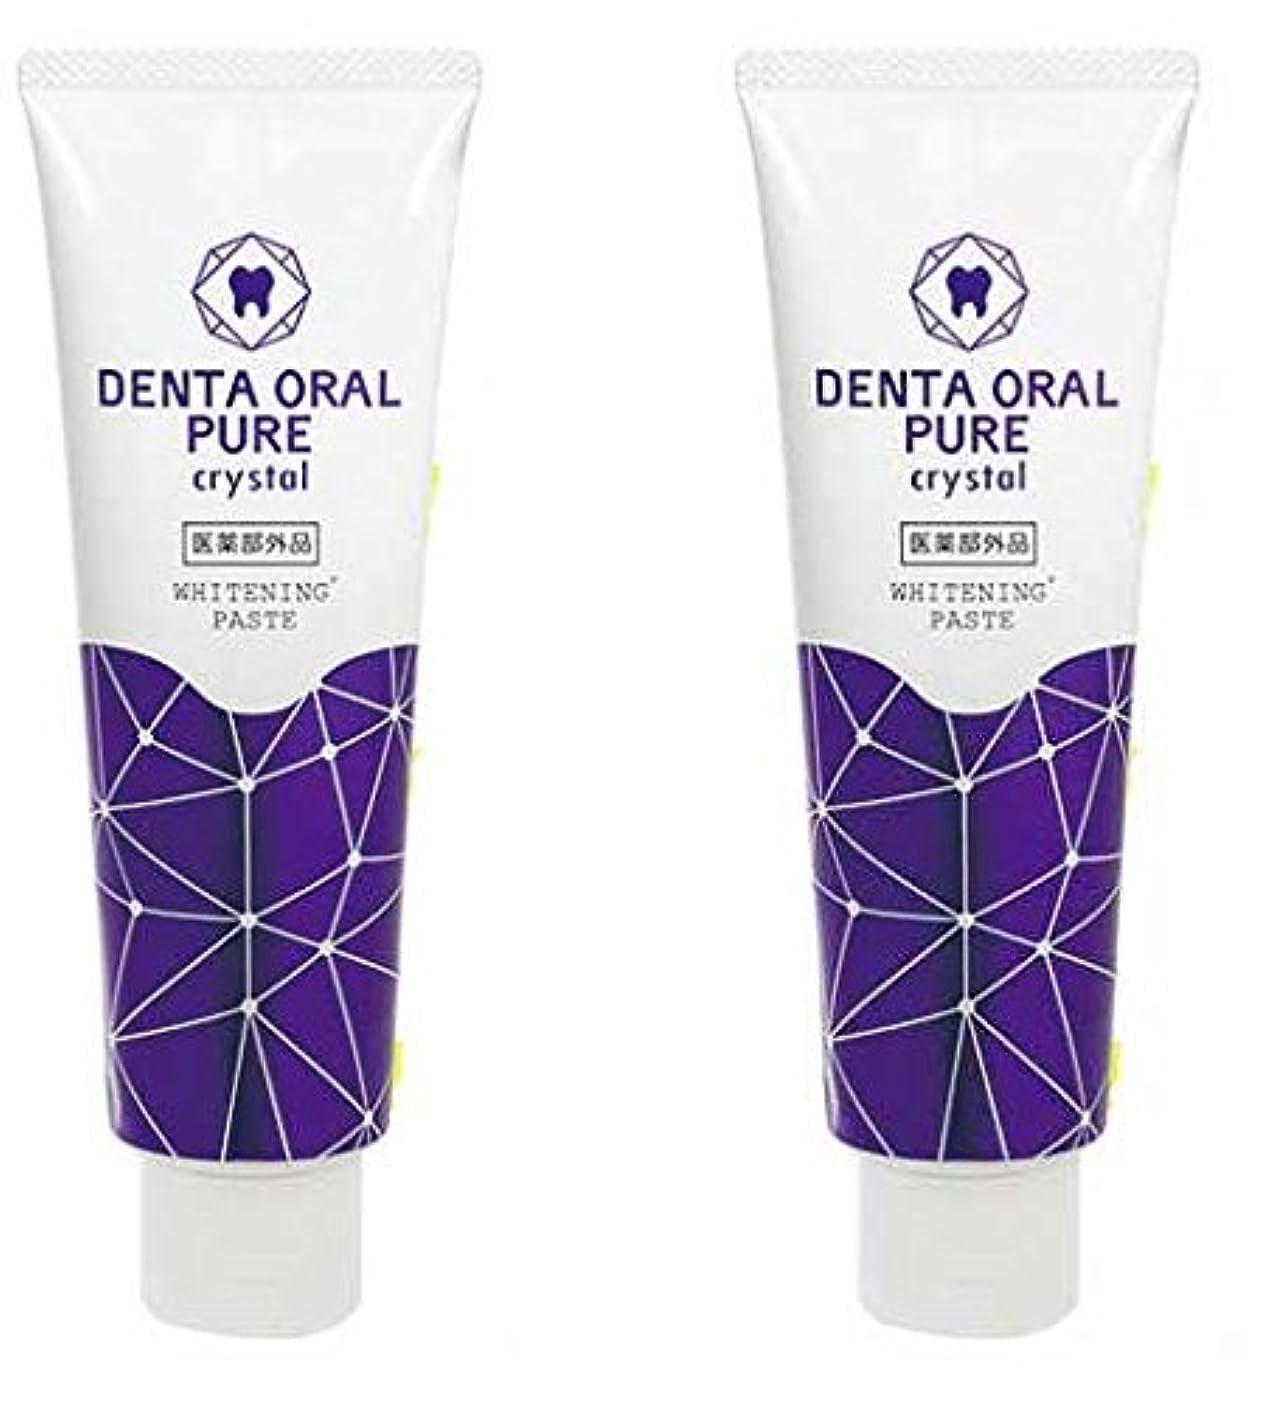 ホワイトニング歯磨き粉 デンタオーラルピュア クリスタル 2個セット 医薬部外品